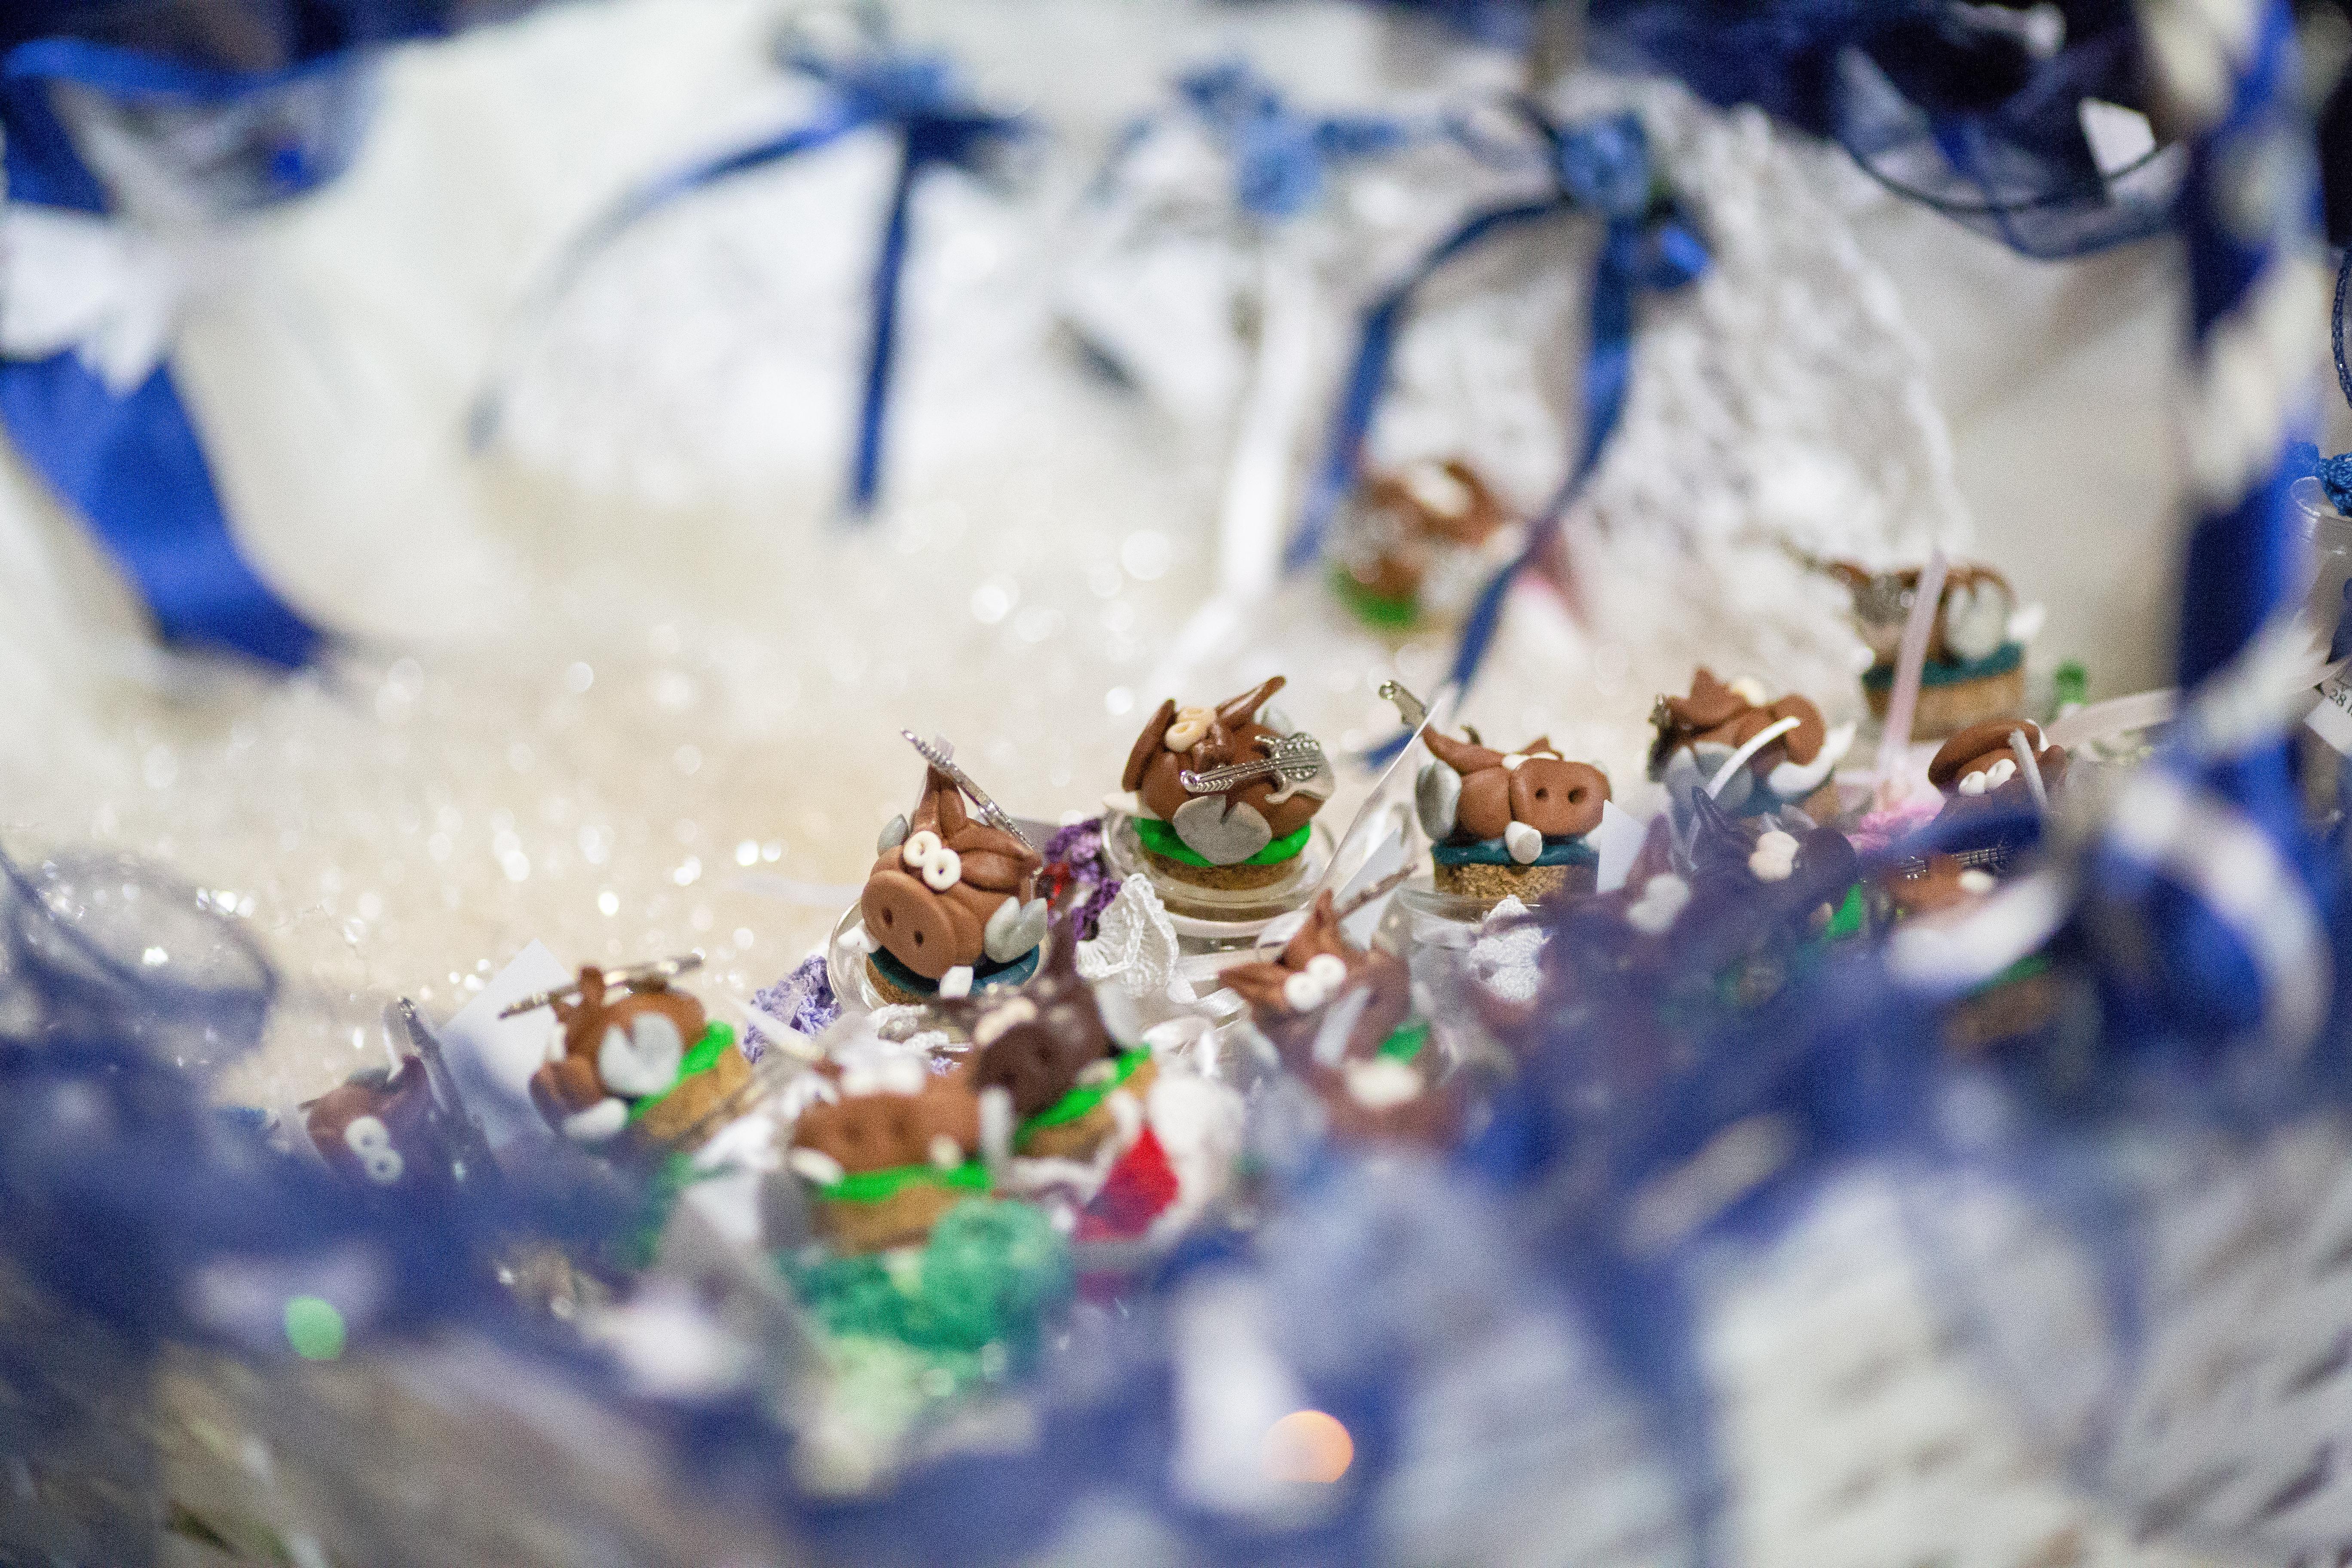 Bomboniere barattolini vetro, tema farfalline & cinghiale